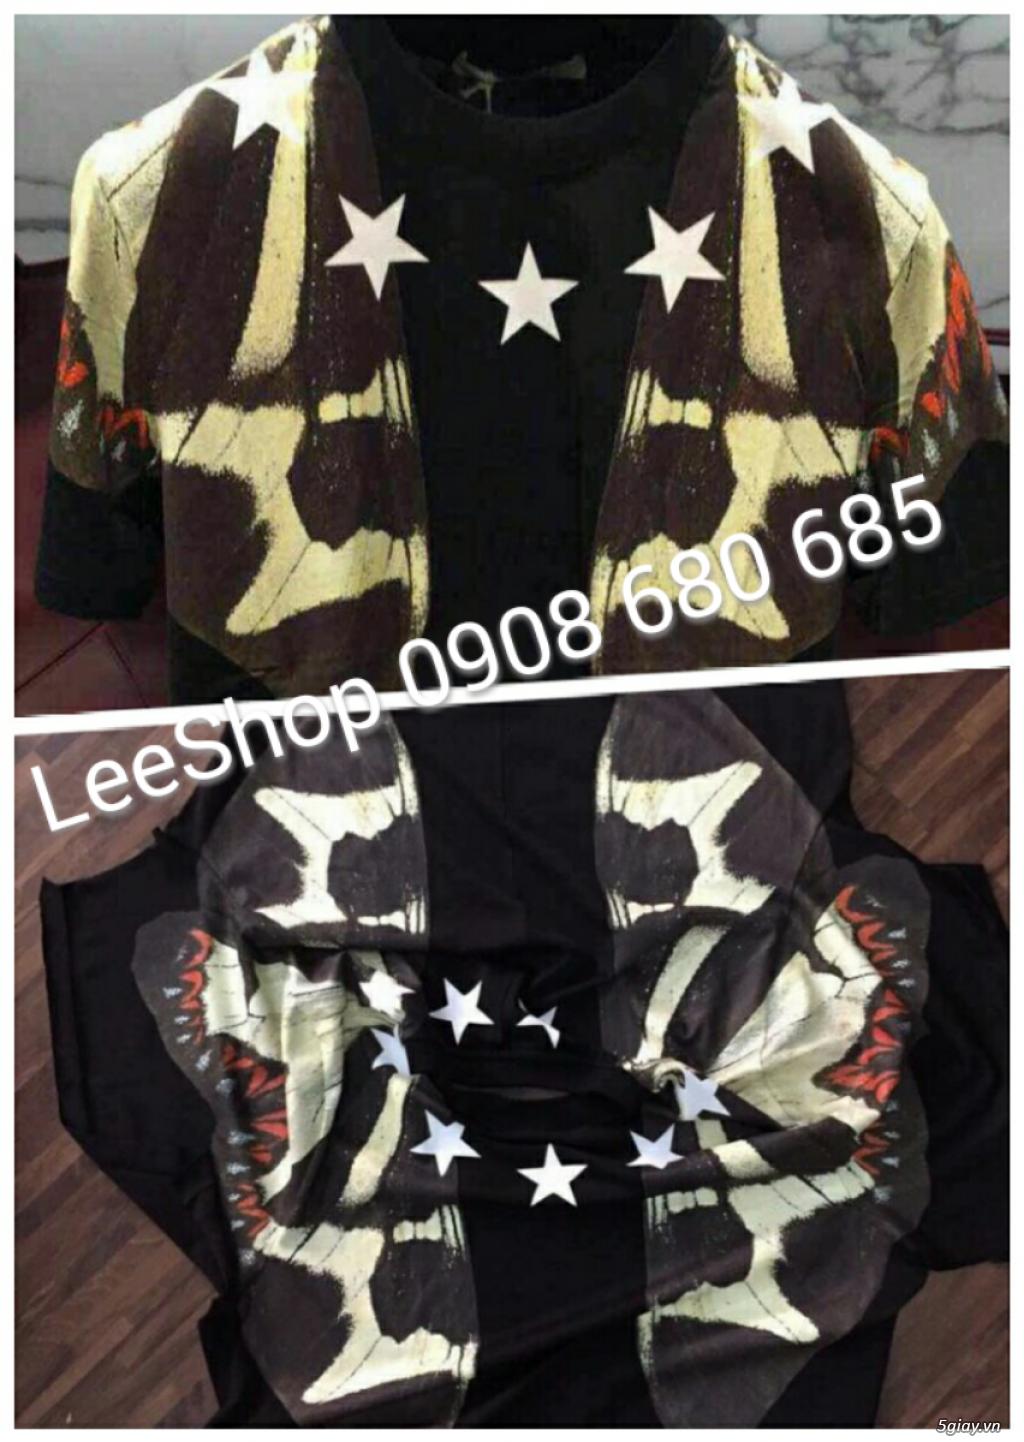 LeeShop_Chuyên quần áo thời trang - 12